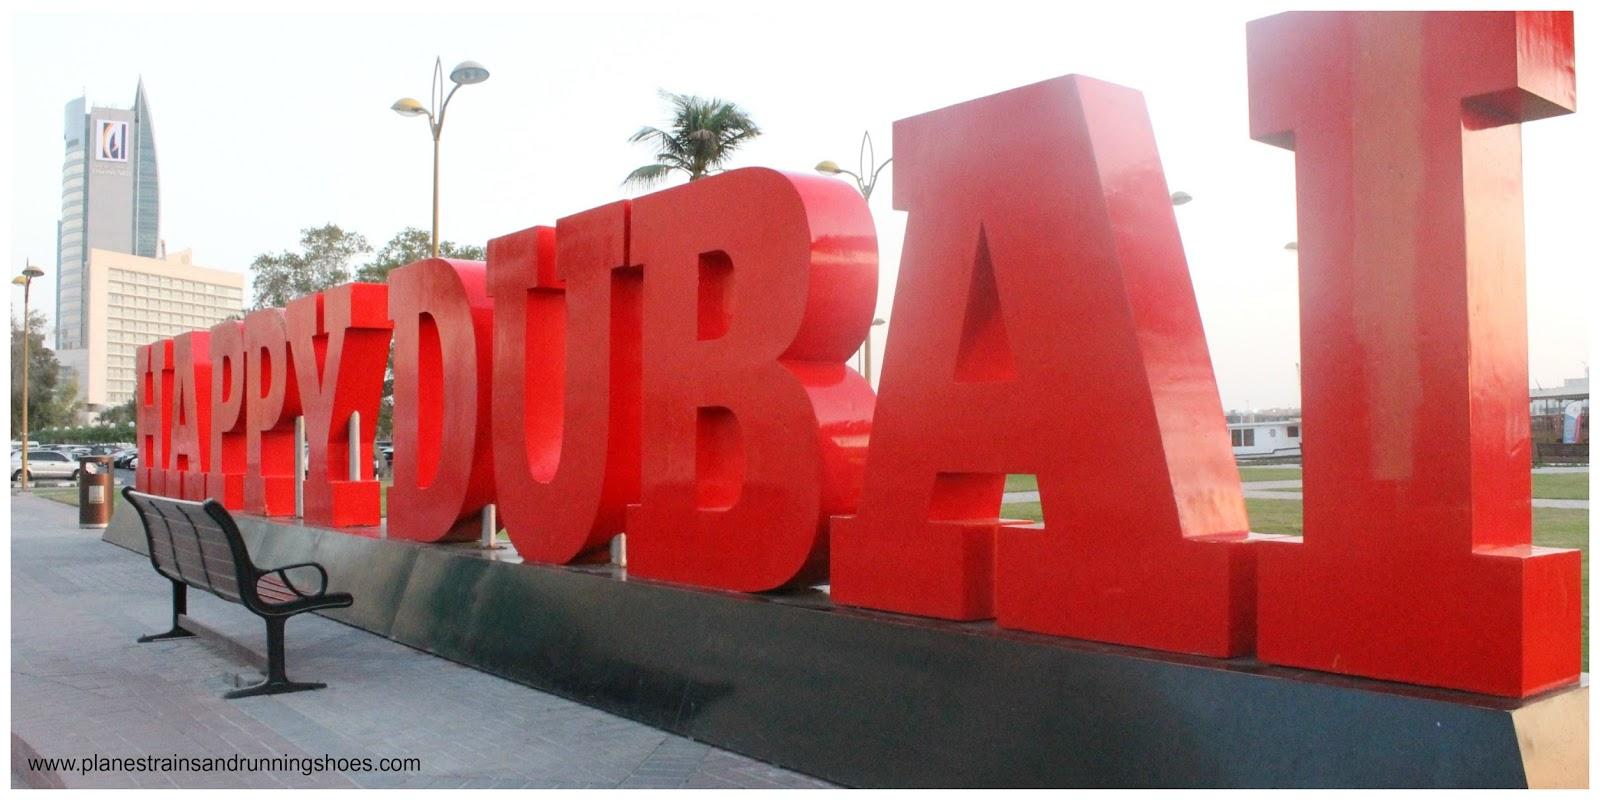 Dubai Expo 2020-Happy Dubai